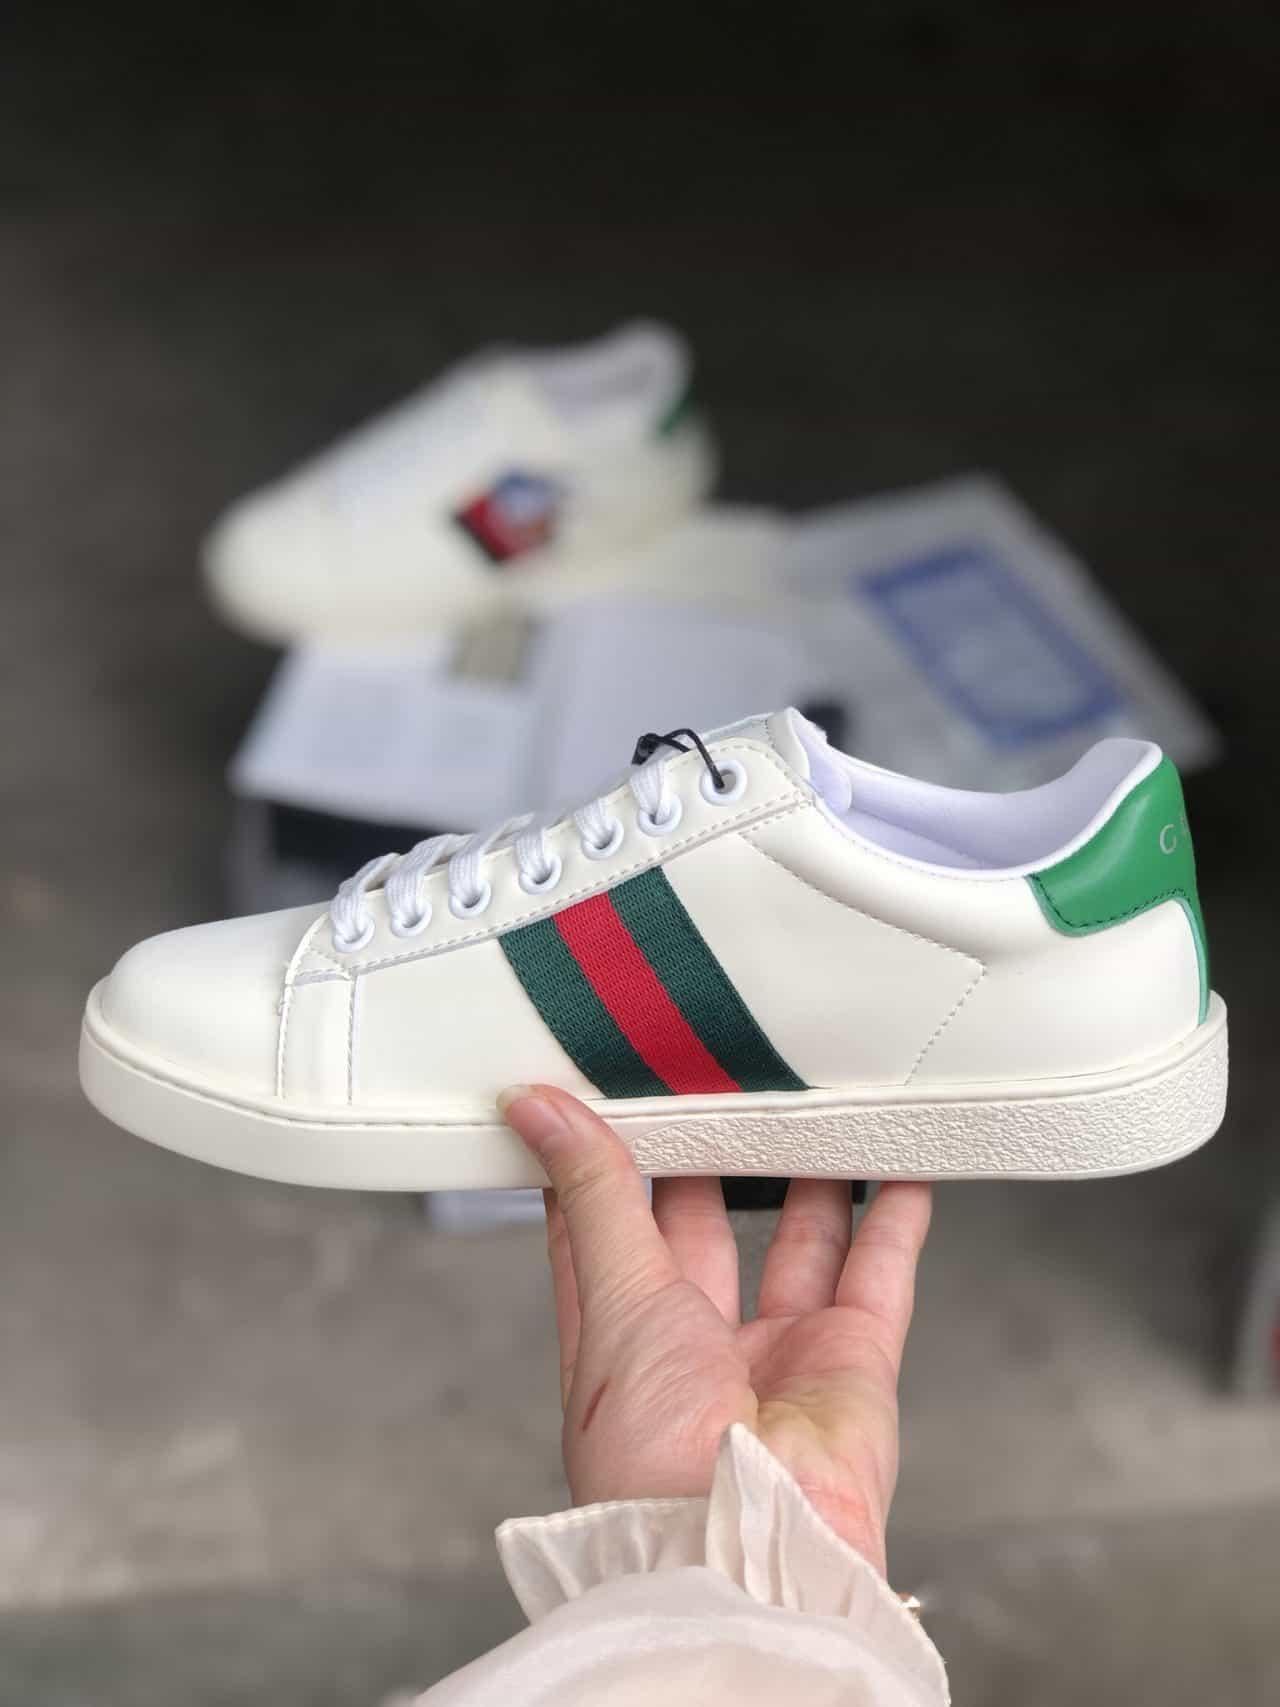 Giày Gucci Vịt rep 1:1 phù hợp cho nhiều loại phong cách